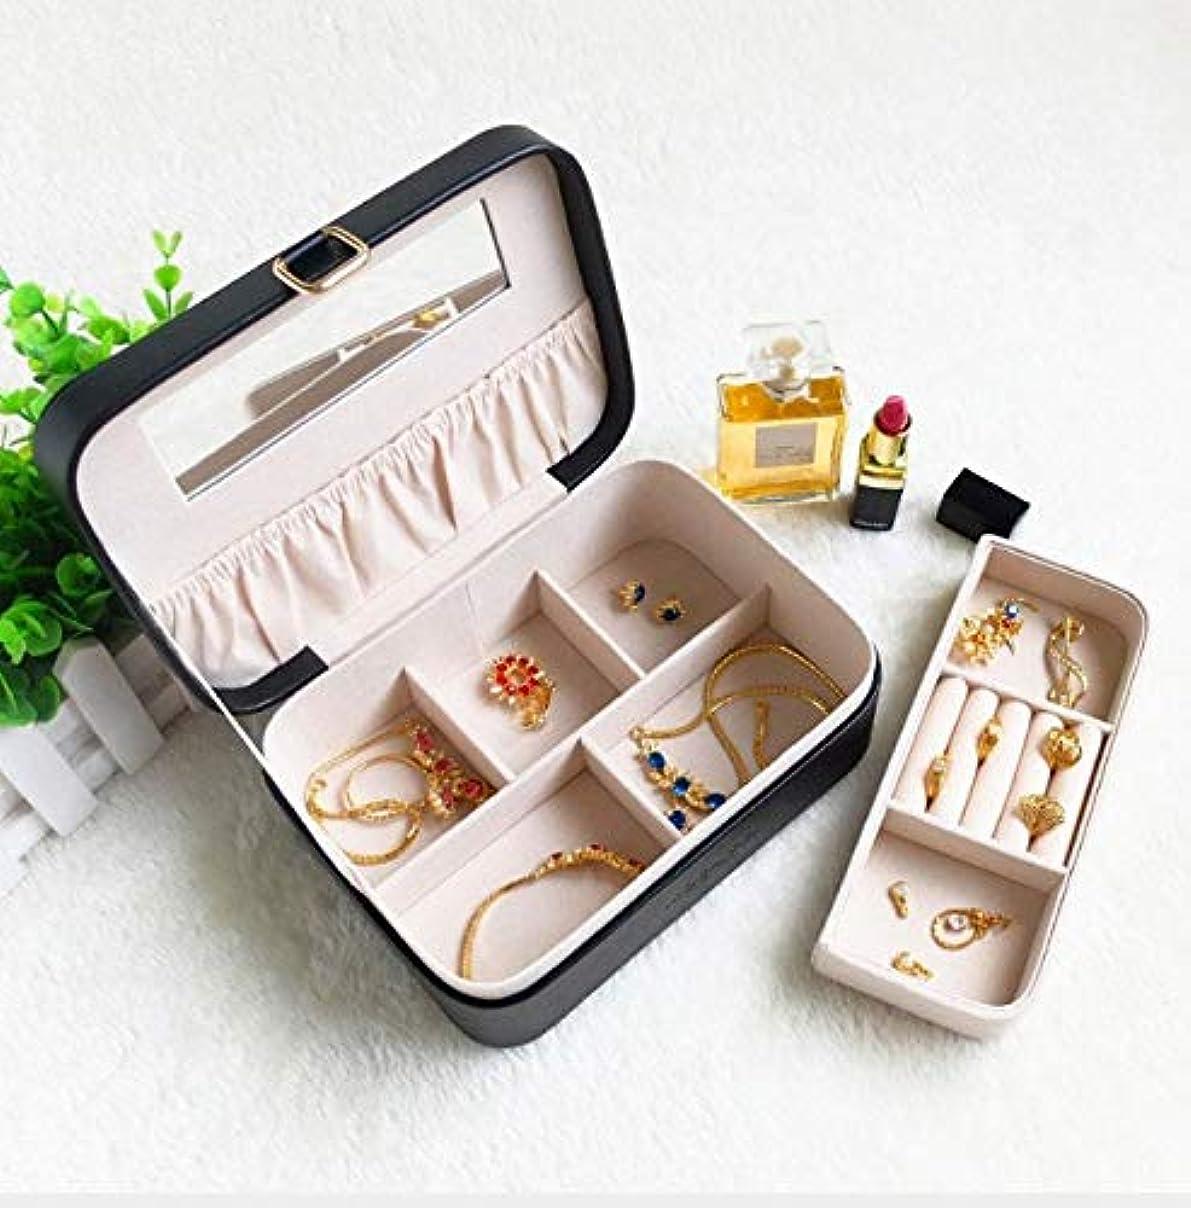 憂慮すべきインターネット着飾る化粧箱、レトロ化粧品防水ミラー化粧ケース、ポータブルトラベル化粧品バッグ収納袋、美容ジュエリー収納ボックス (Color : ブラック)